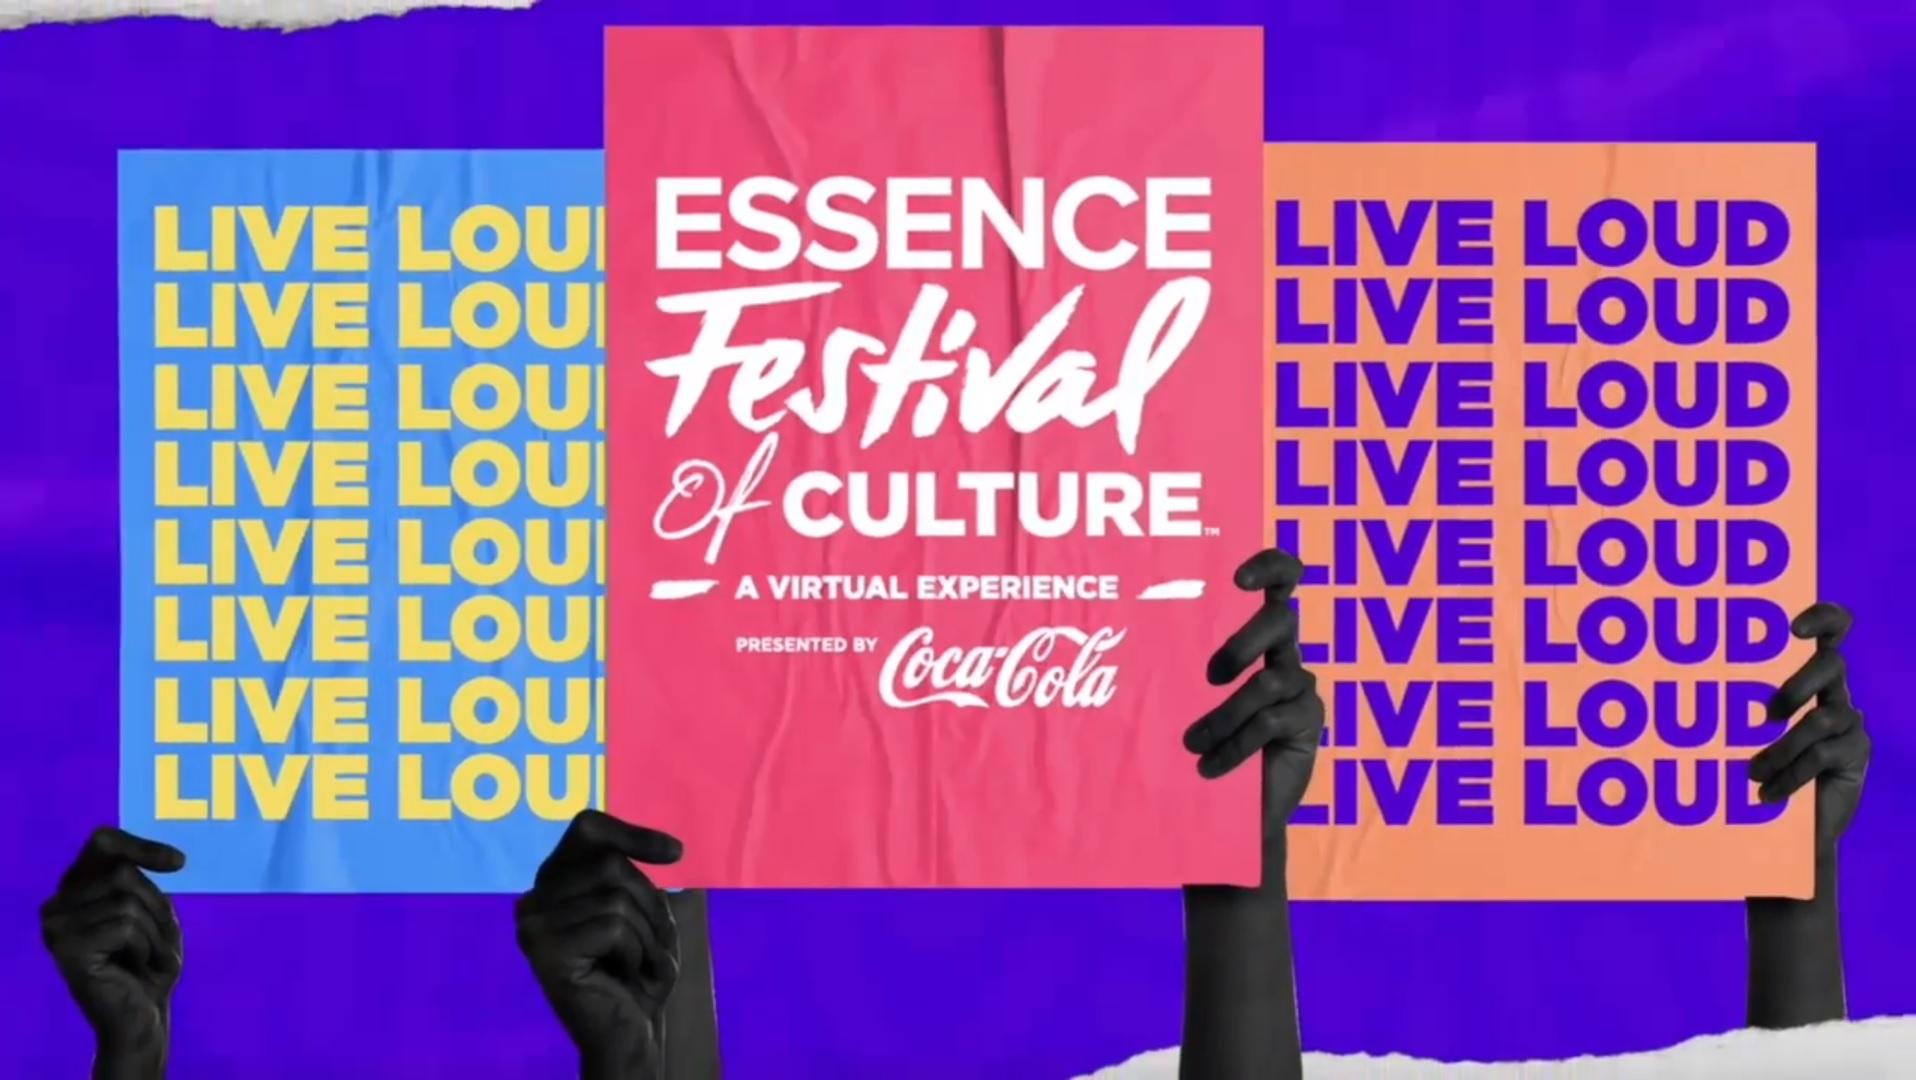 Essence Festival-Events in New Orleans, Vereinigte Staaten   Eventbrite